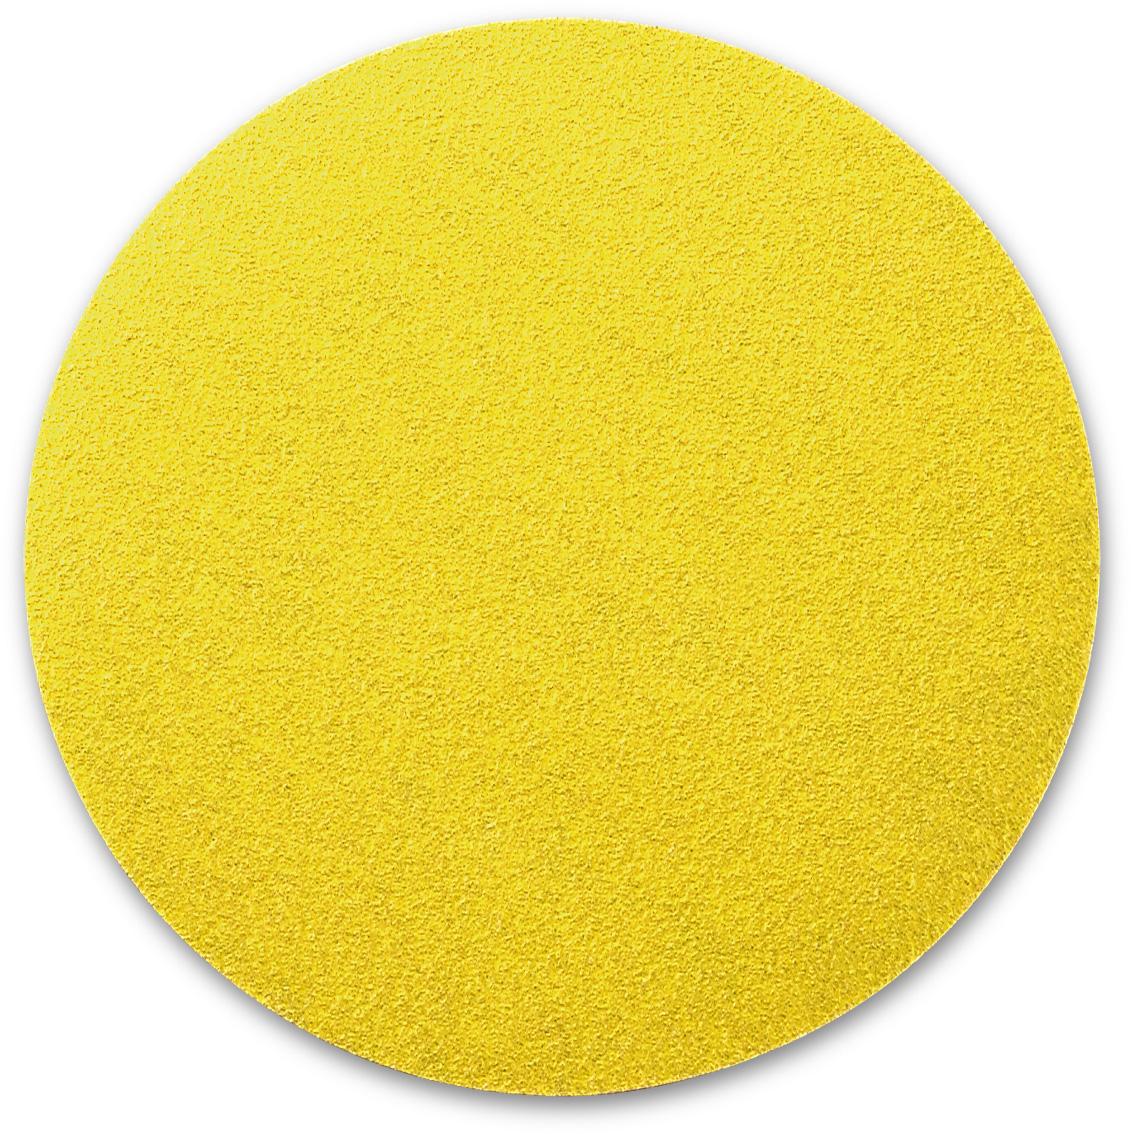 100x SIA Klett Schleifscheibe Schleifscheiben siarexx 115 mm Korn 100 ungelocht | 6779.8996.0100